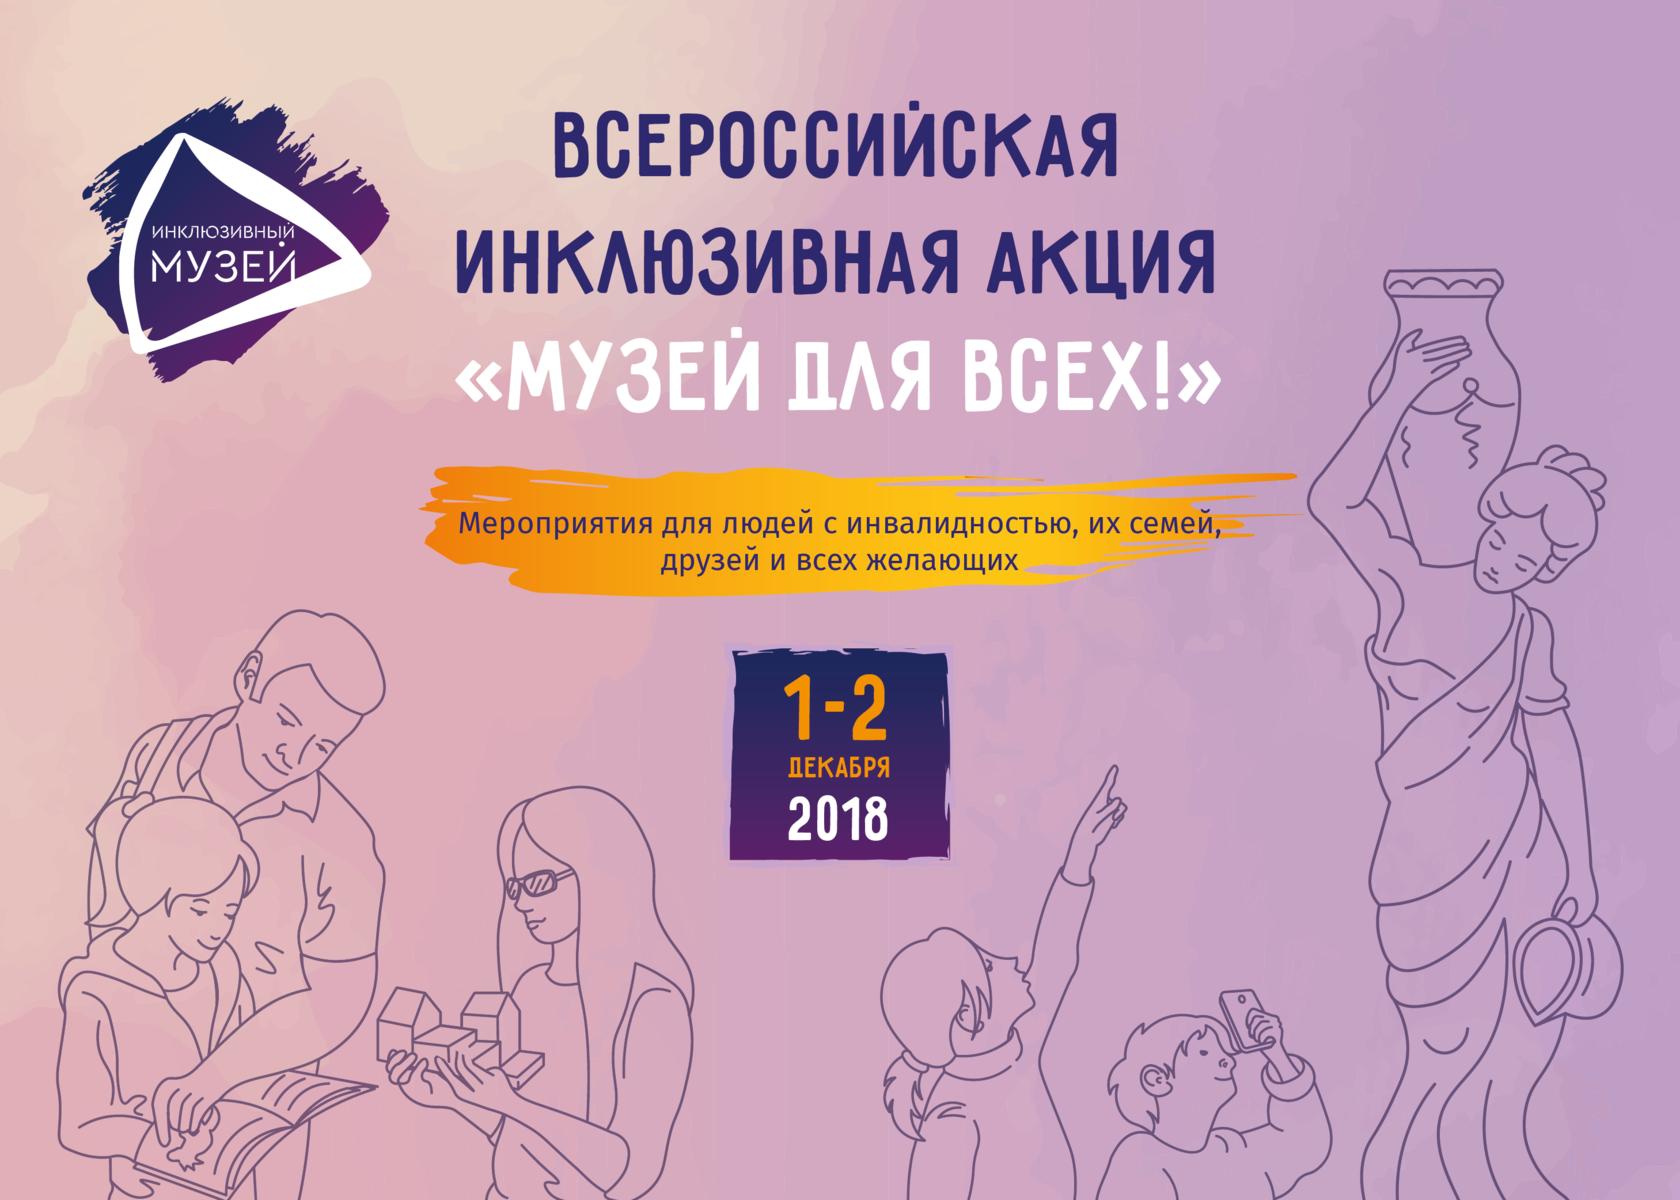 Акция «Музей для всех! — 2018» в музее «Огни Москвы» – события на сайте «Московские Сезоны»